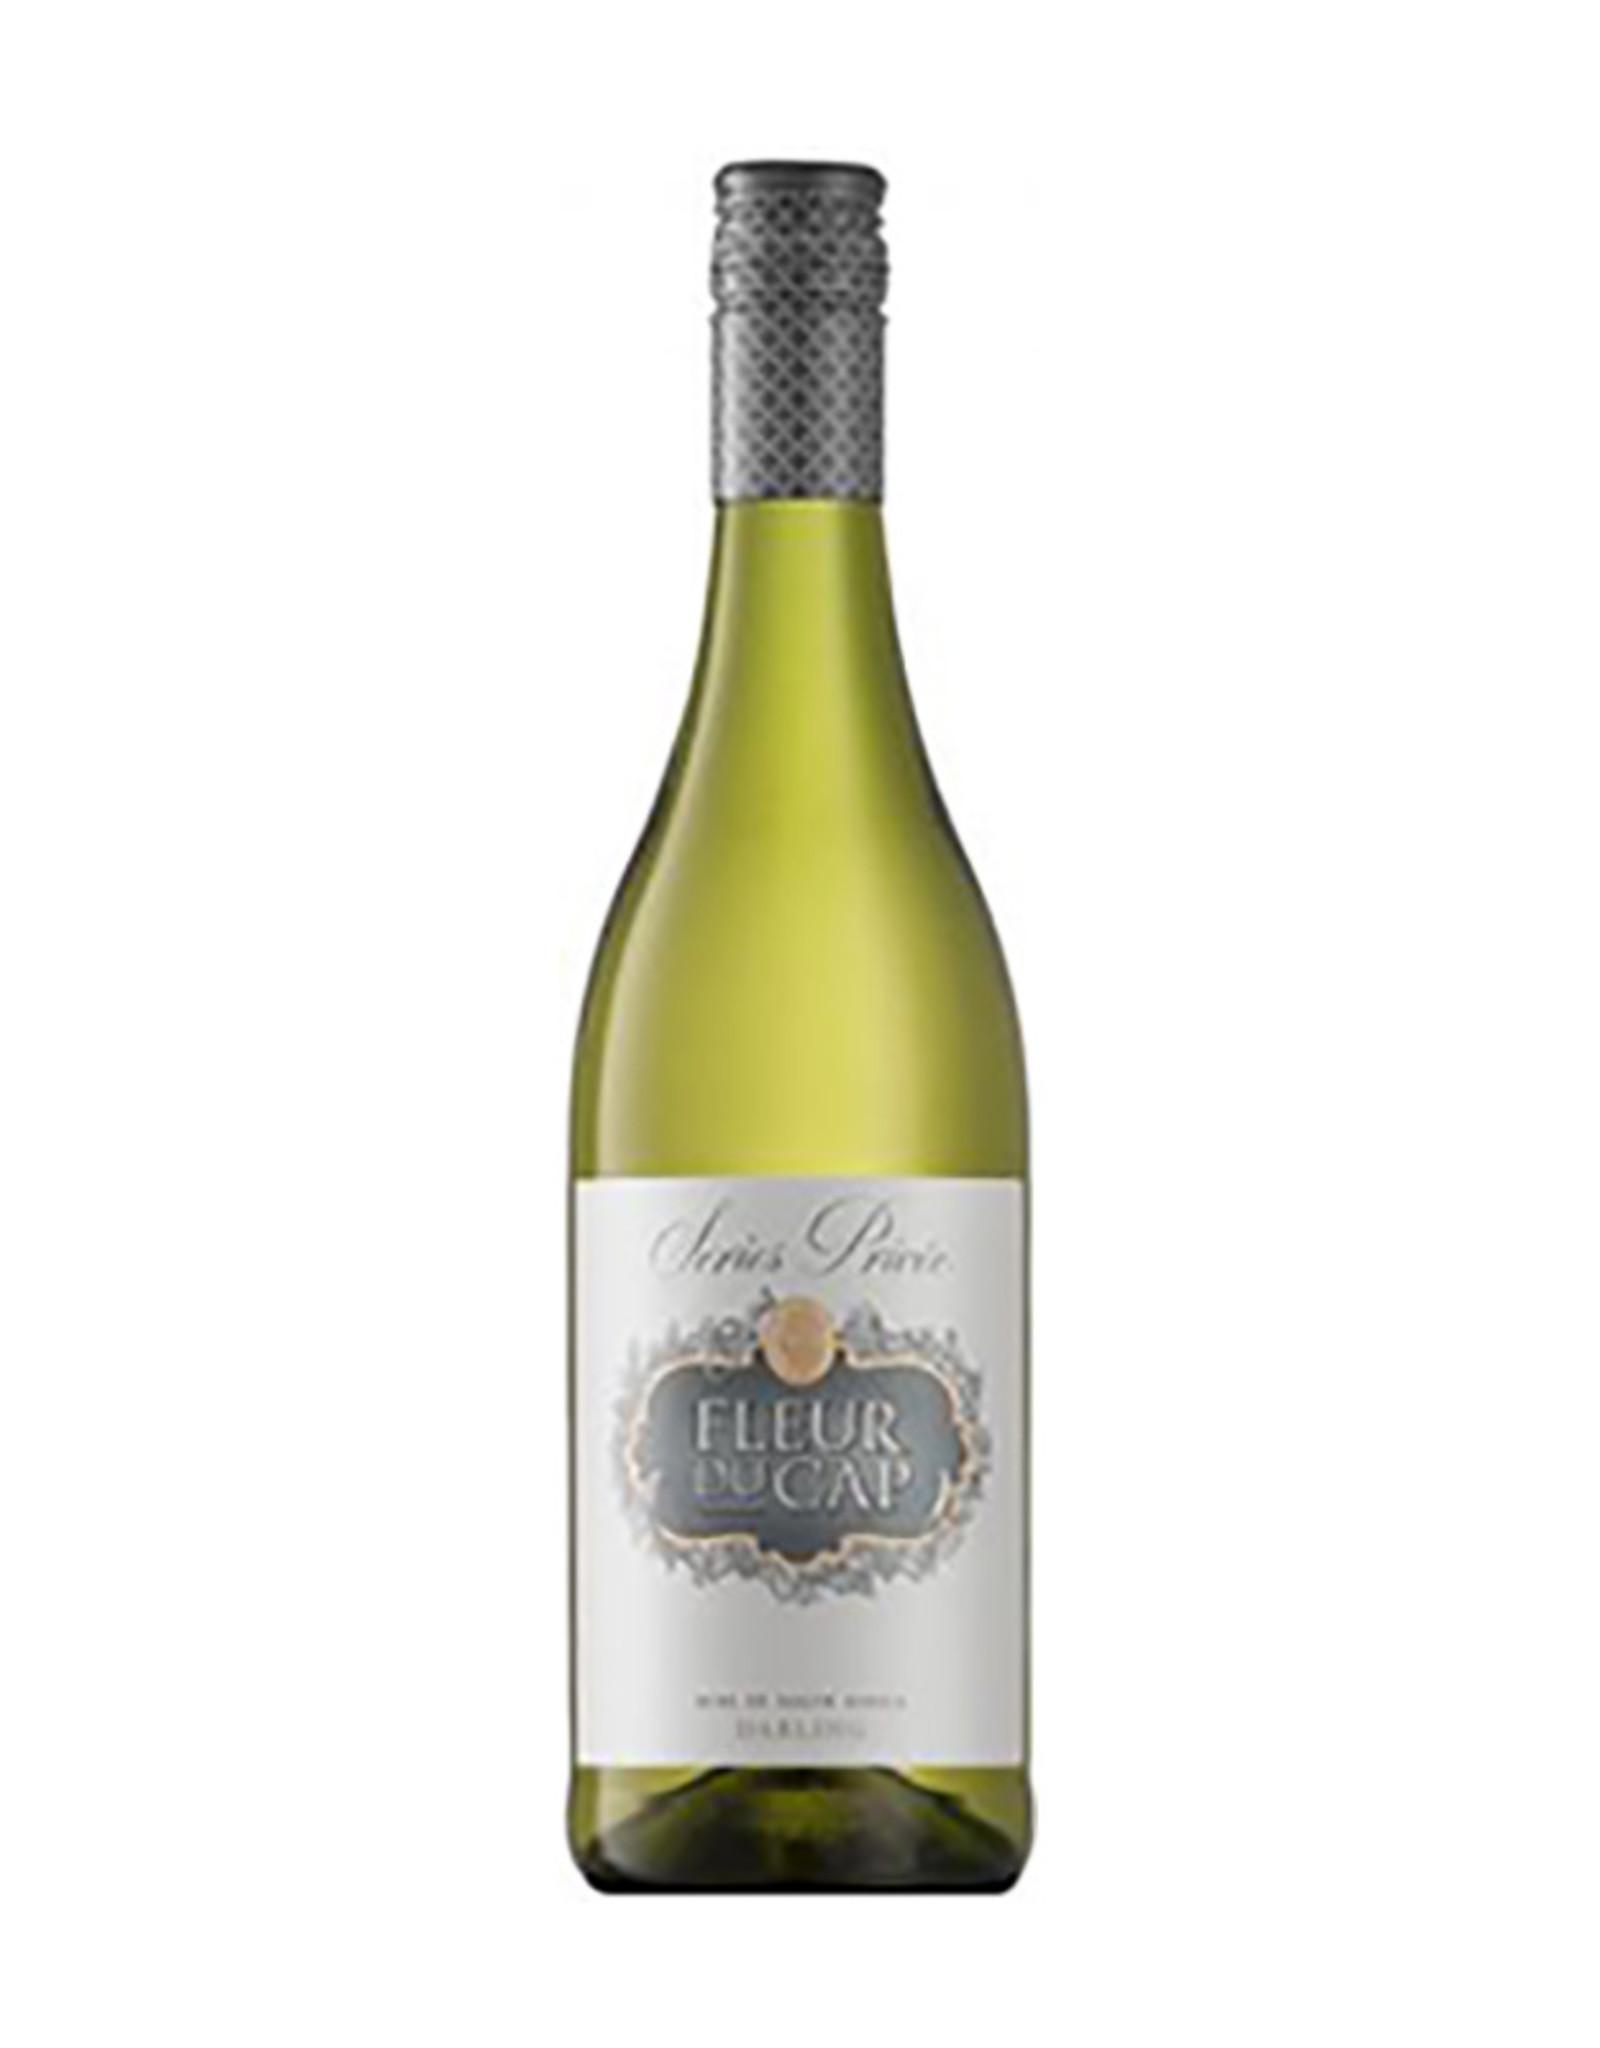 *** Assortiment Fleur du Cap  Series Privée- Chardonnay - Zuid Afrika